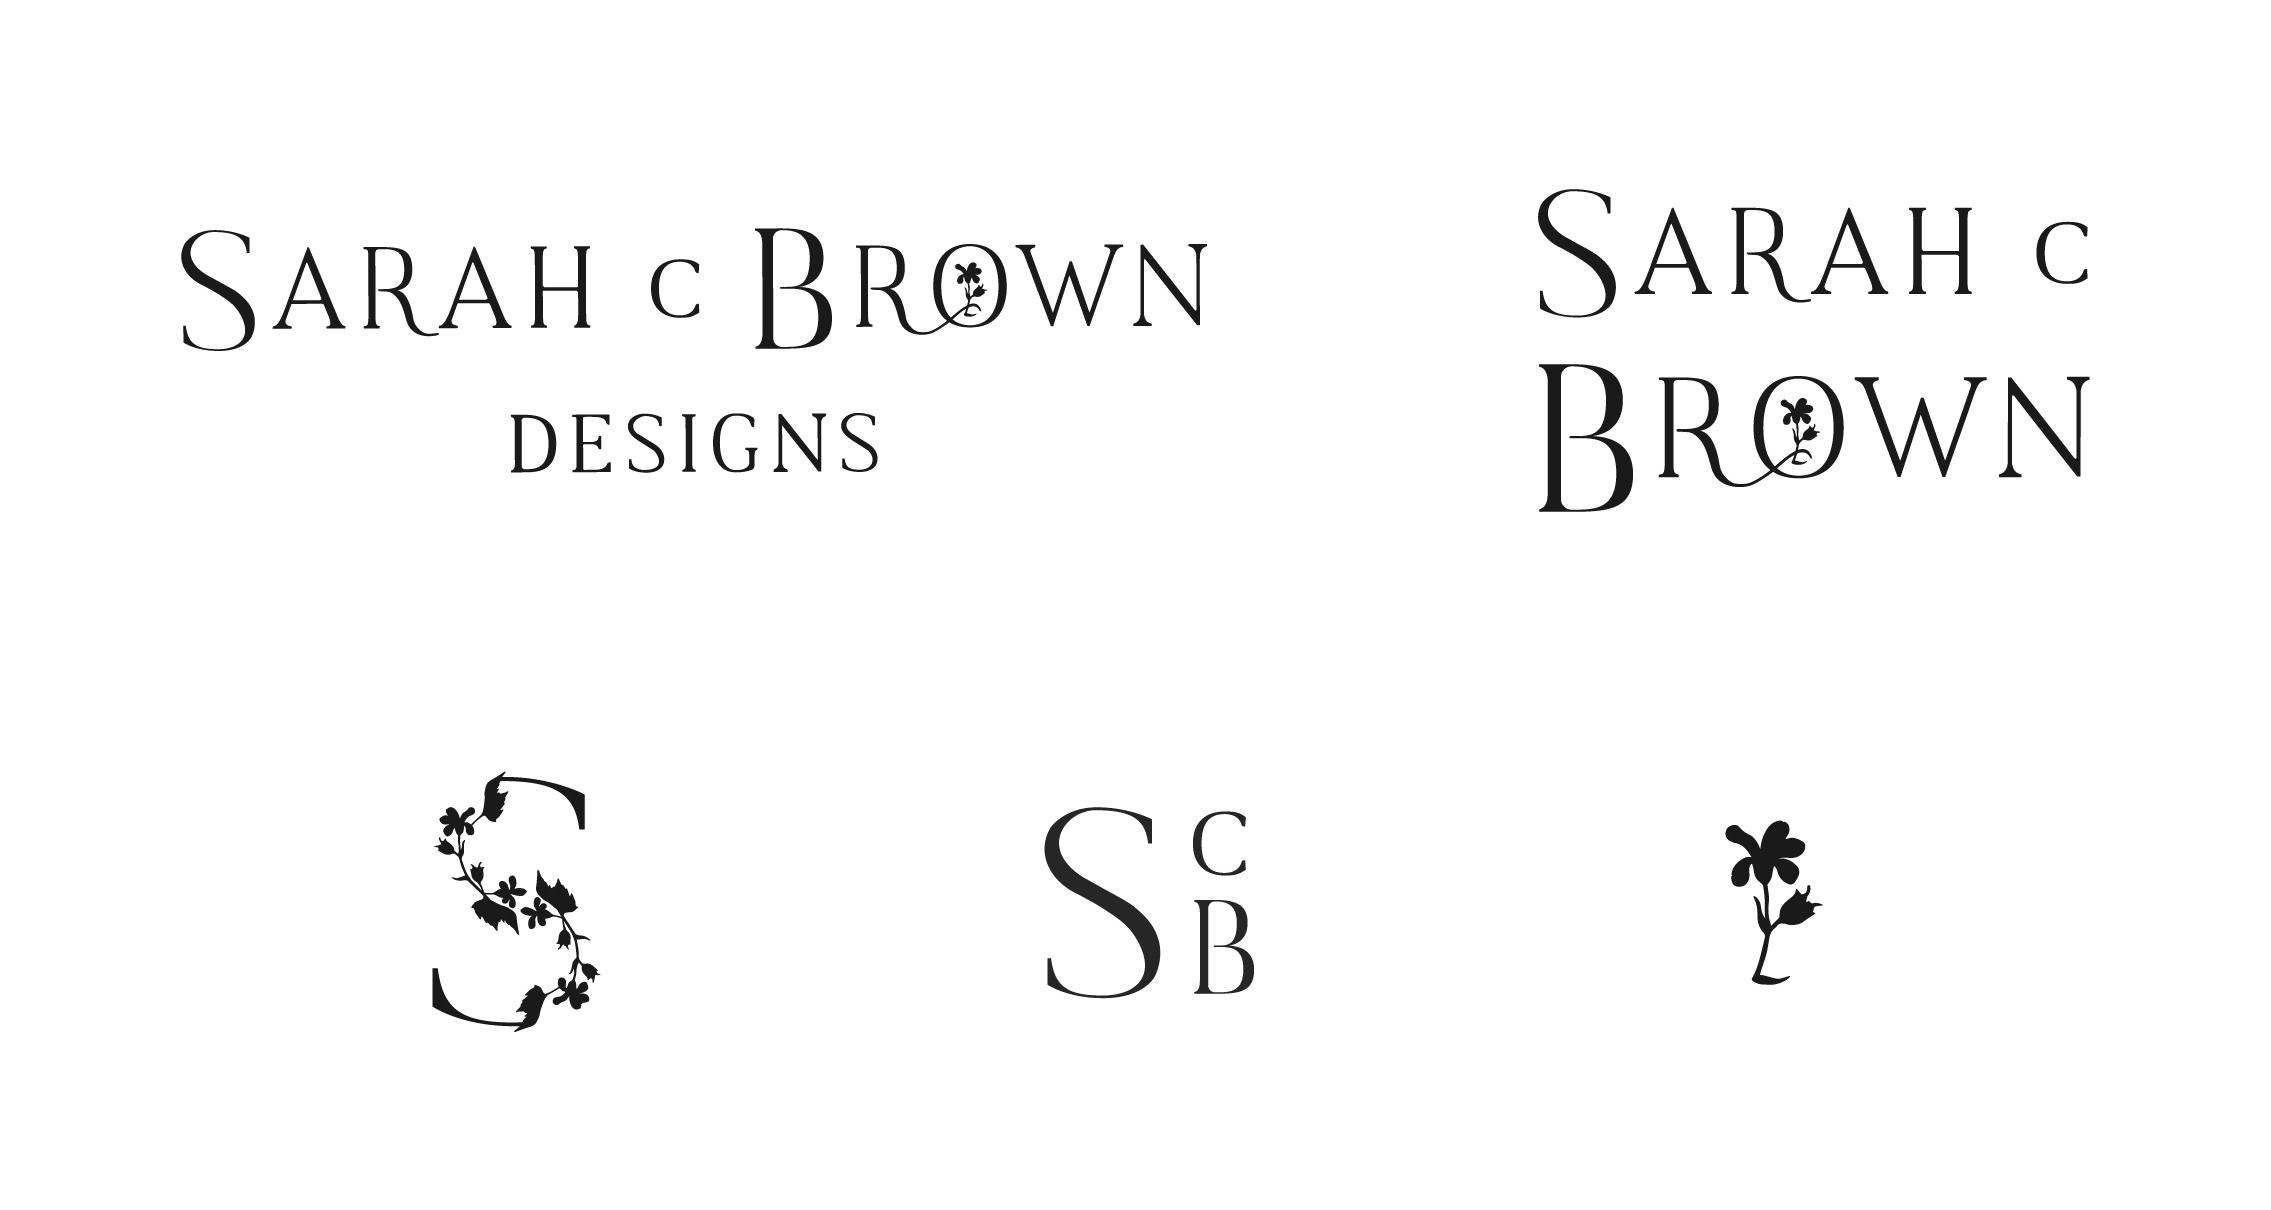 sarah-c-brown-designsLOGOS-02.jpg